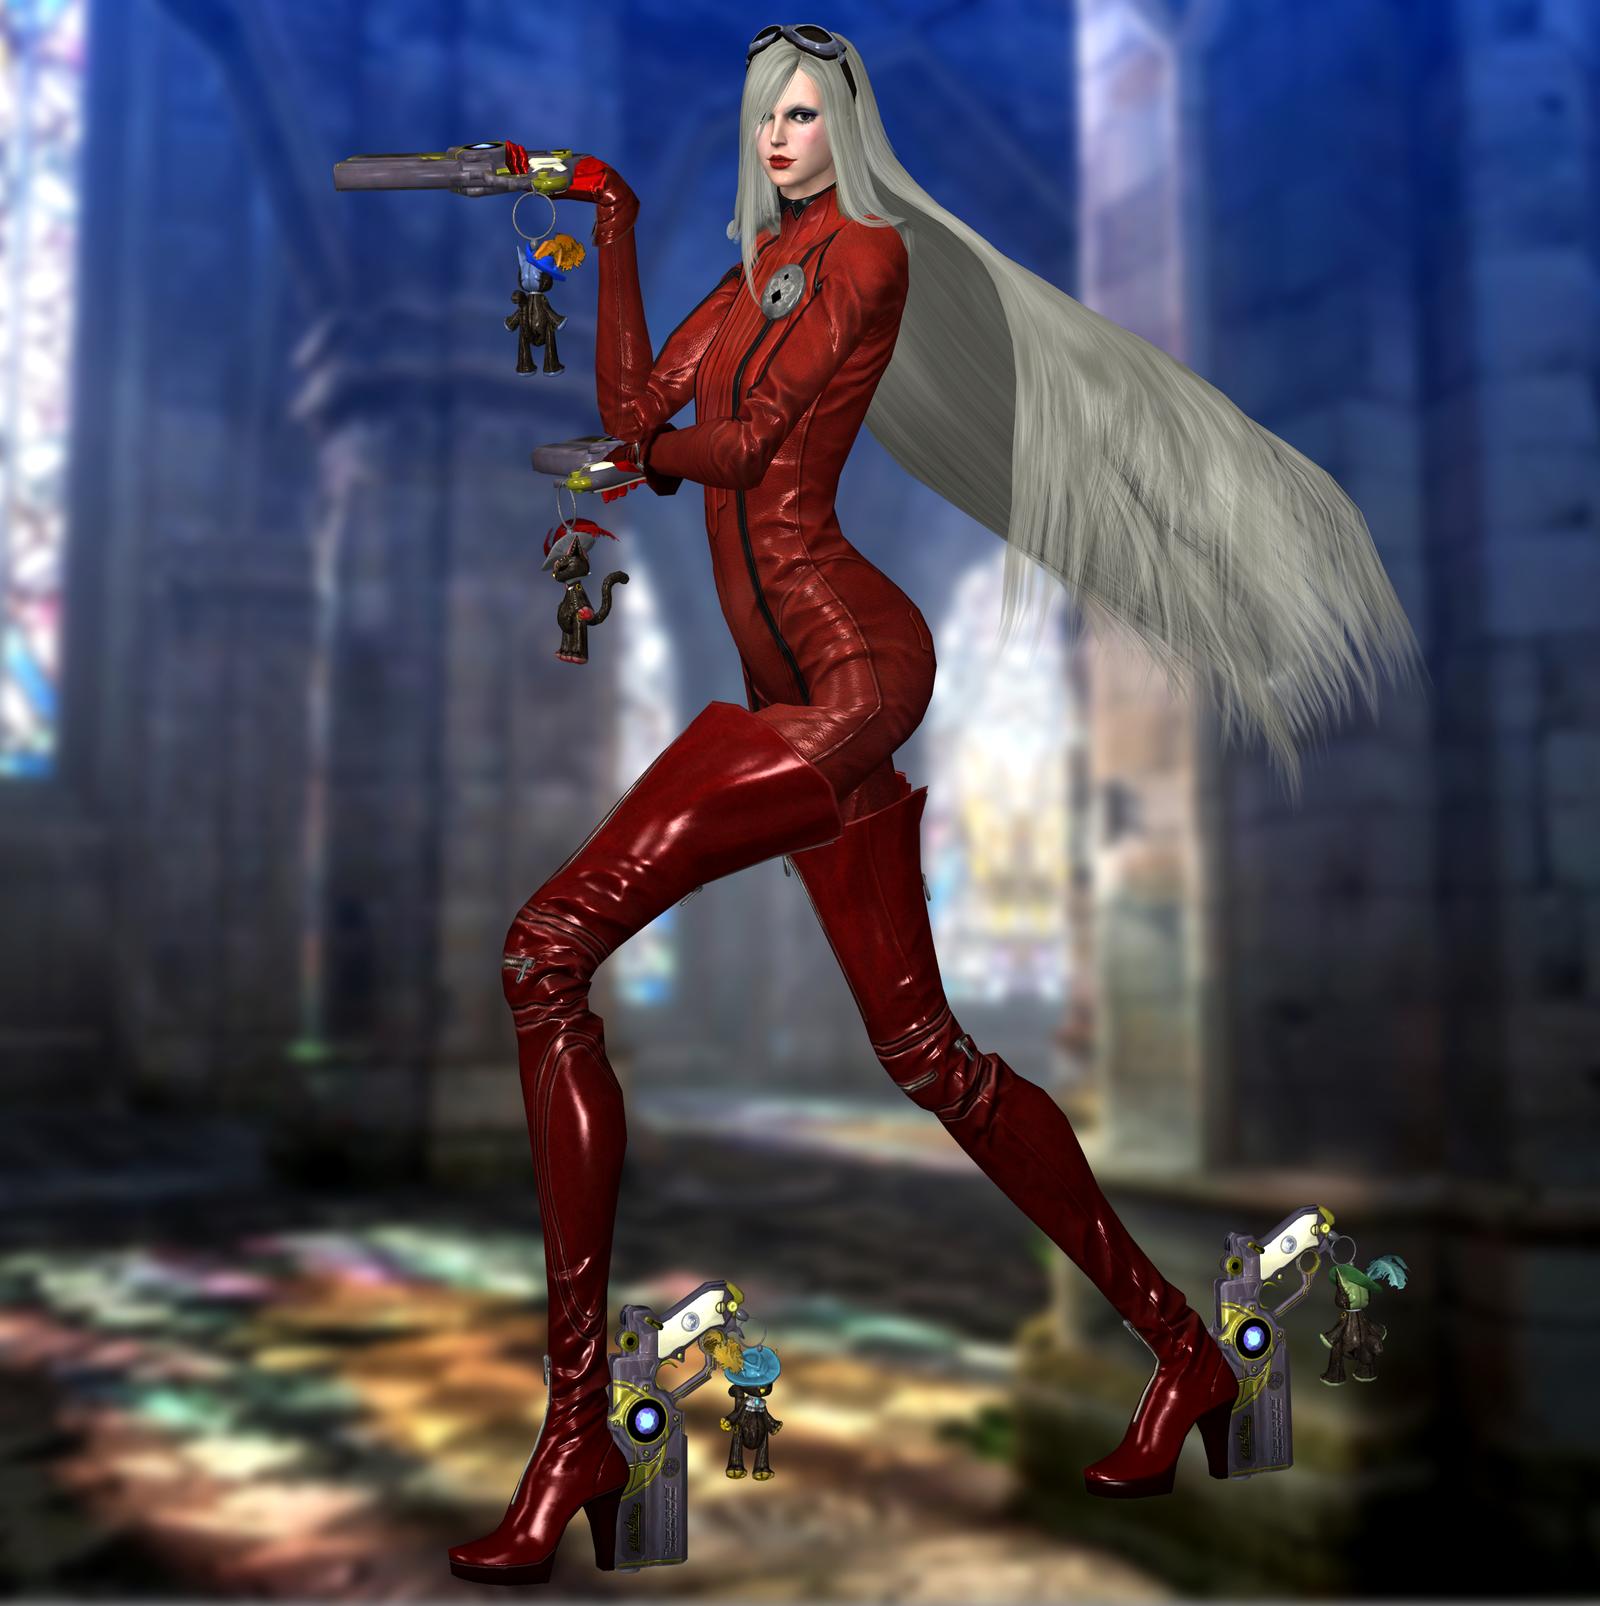 Jeanne(Default) Bayonetta 2 by xXKammyXx on DeviantArt